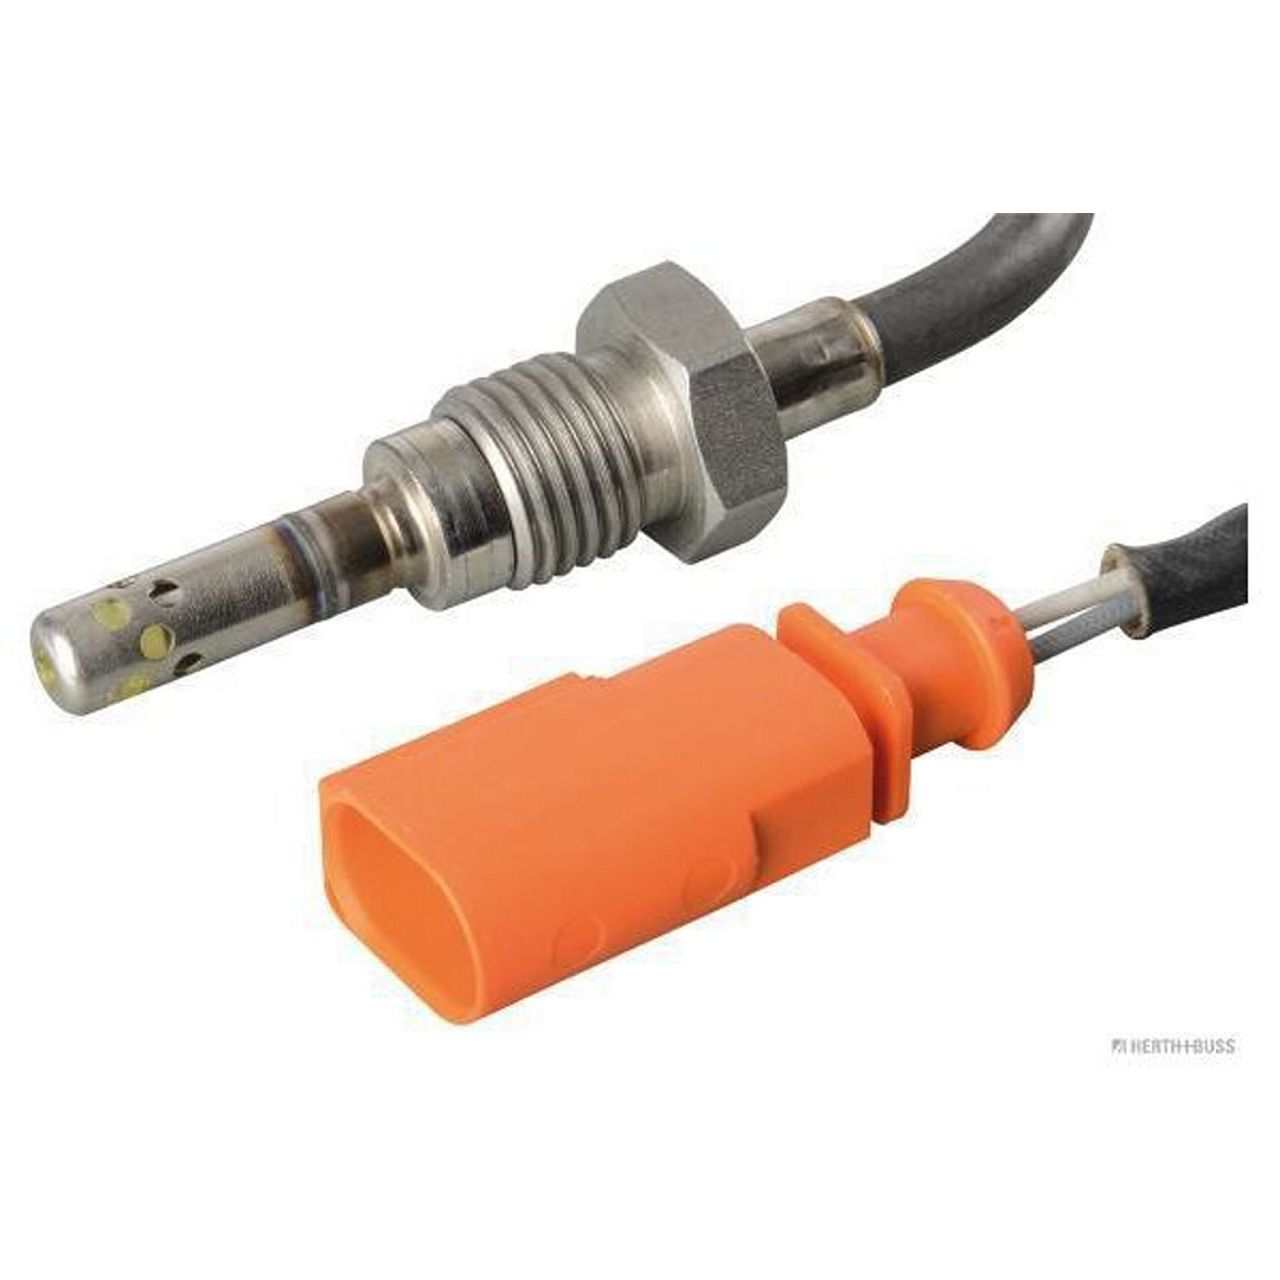 HERTH+BUSS ELPARTS Abgastemperatursensor für VW BEETLE GOLF 6 + VARIANT JETTA 3